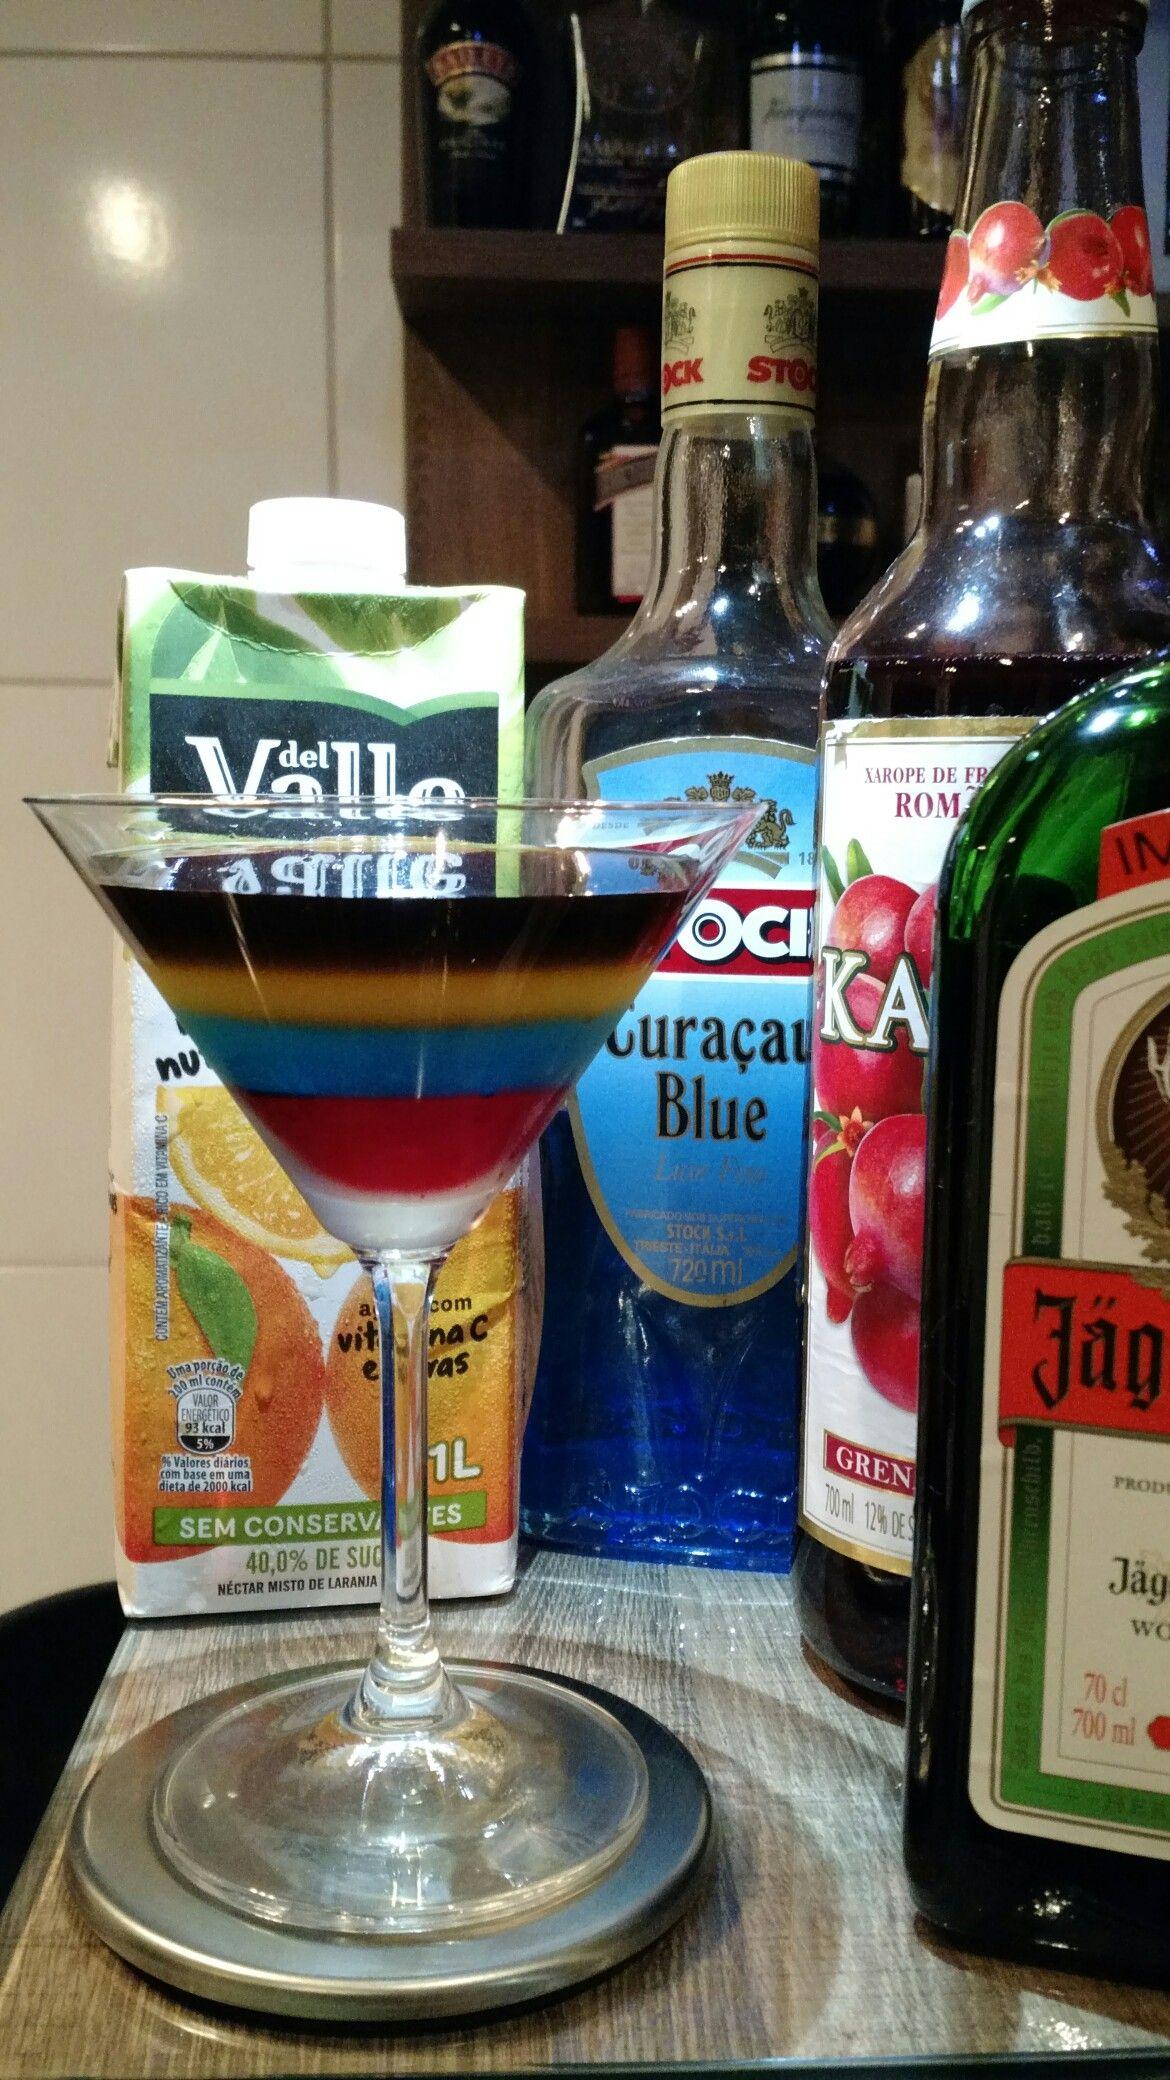 * MEISTER ON MARS * - 45 ml. Licor JÄGERMEISTER® - 30 ml. Licor Curaçau Blue - 30 ml. Suco de Laranja - 15 ml. Xarope de Grenadine - Coloque o suco de laranja em uma taça Martini. - Com a ajuda de uma colher bailarina, coloque bem devagar, o licor curaçau blue pela borda da taça, para que ele chegue até o fundo. - Repita o processo com o xarope de grenadine. - Flutue o licor jägermeister sobre a bebida.